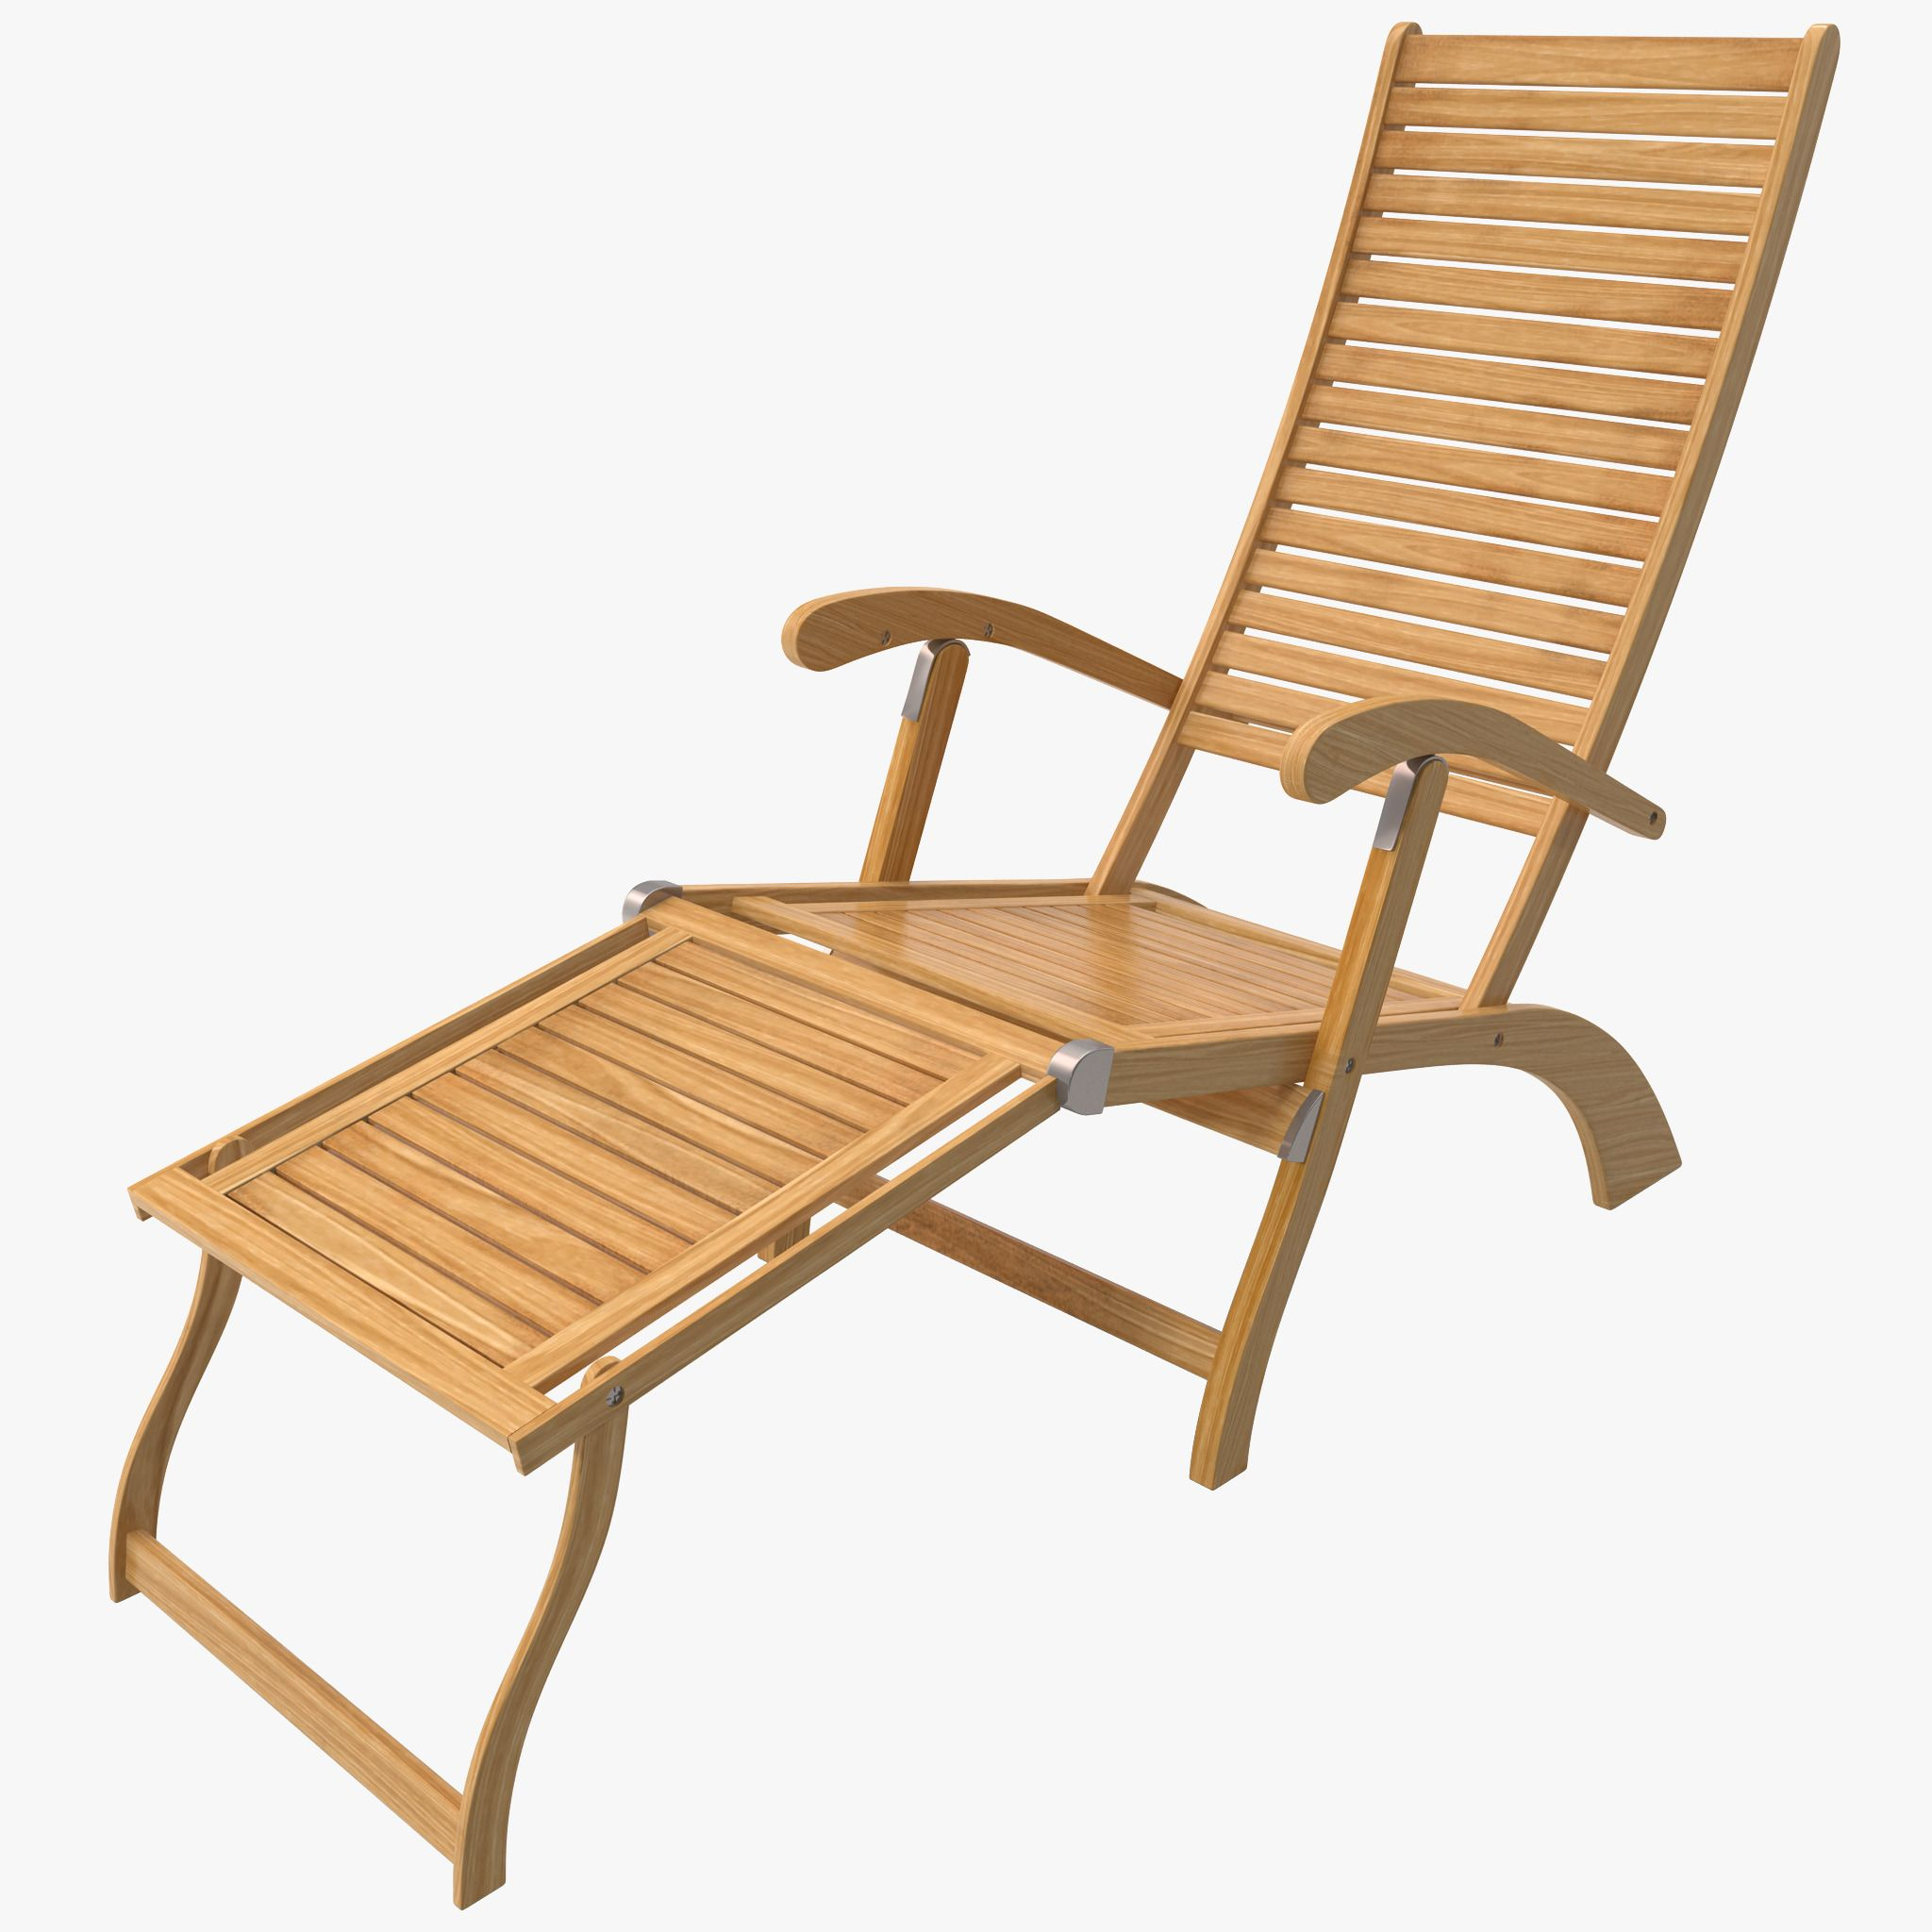 Chaise Lounge Beach Chair Stühle, Beach lounge und